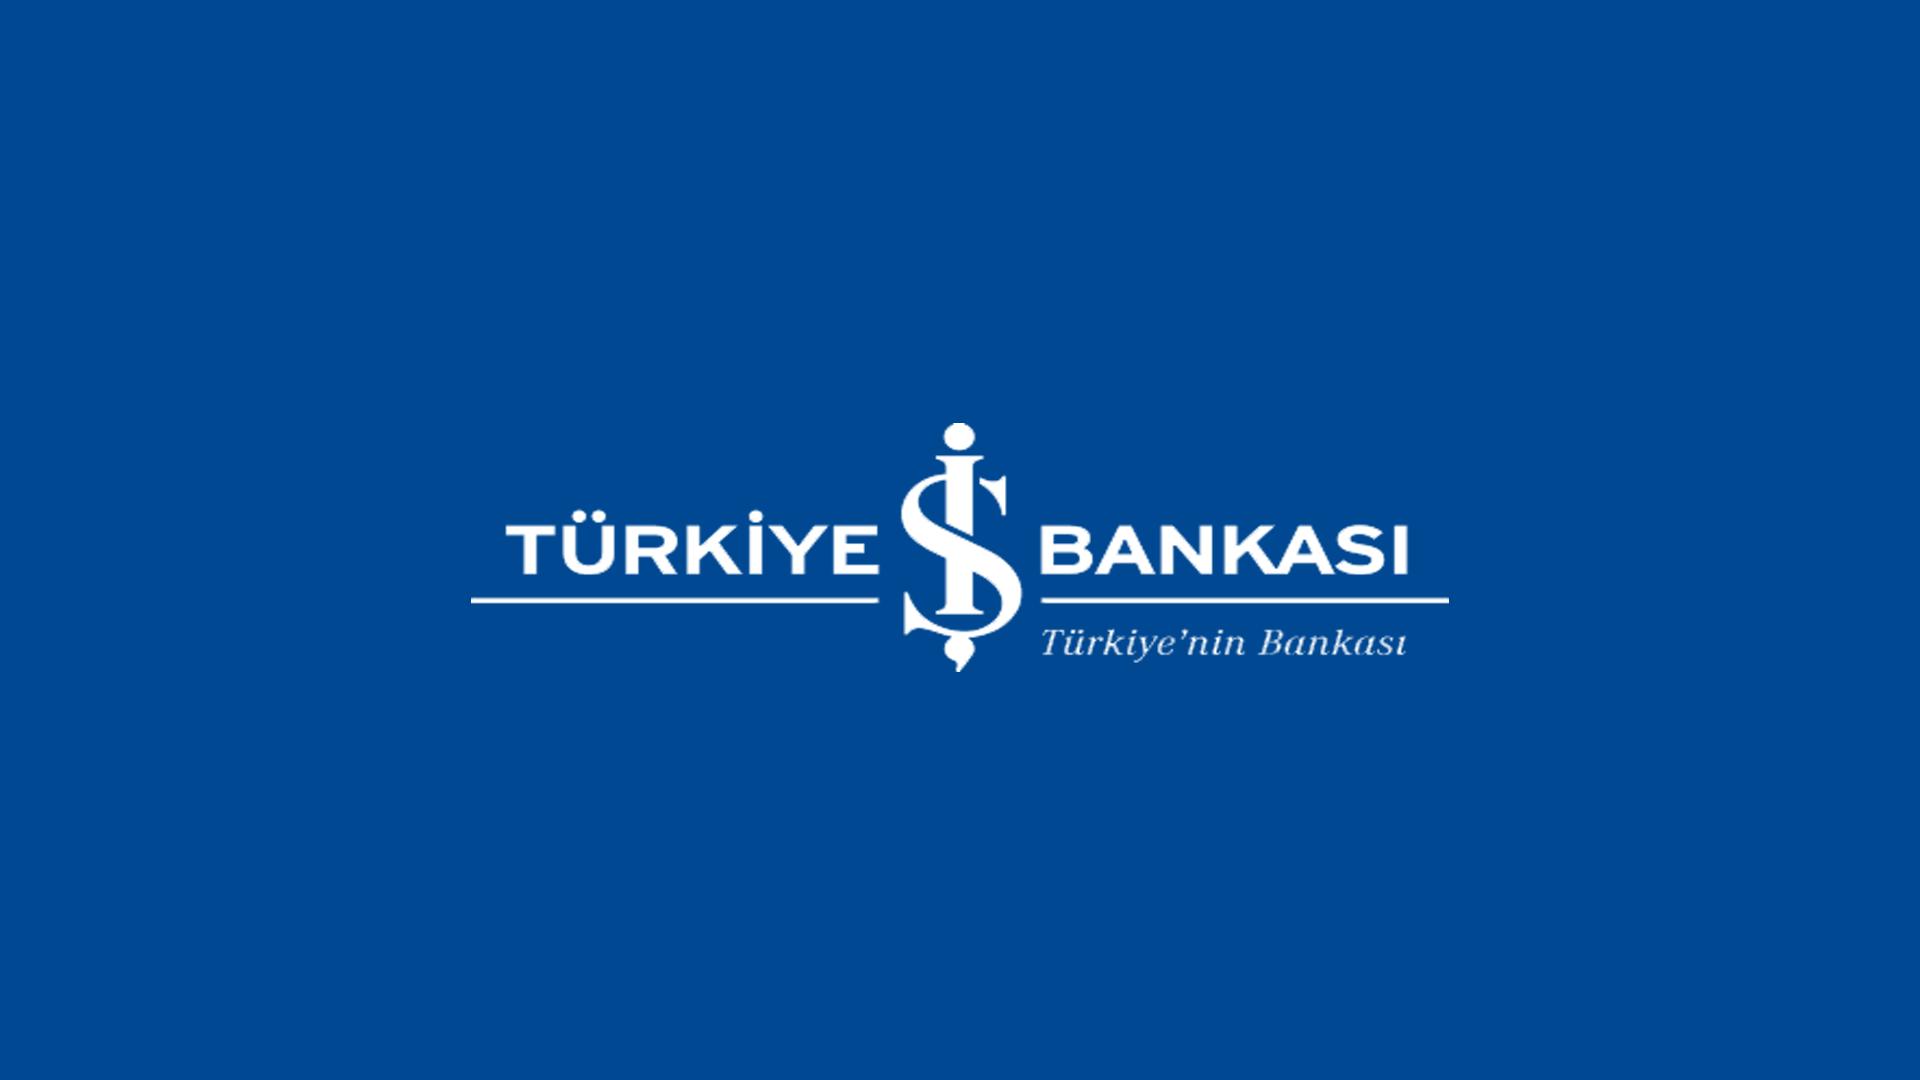 Türkiye İş Bankası dünyada marka gücü sıralamasında ilk 10'da!